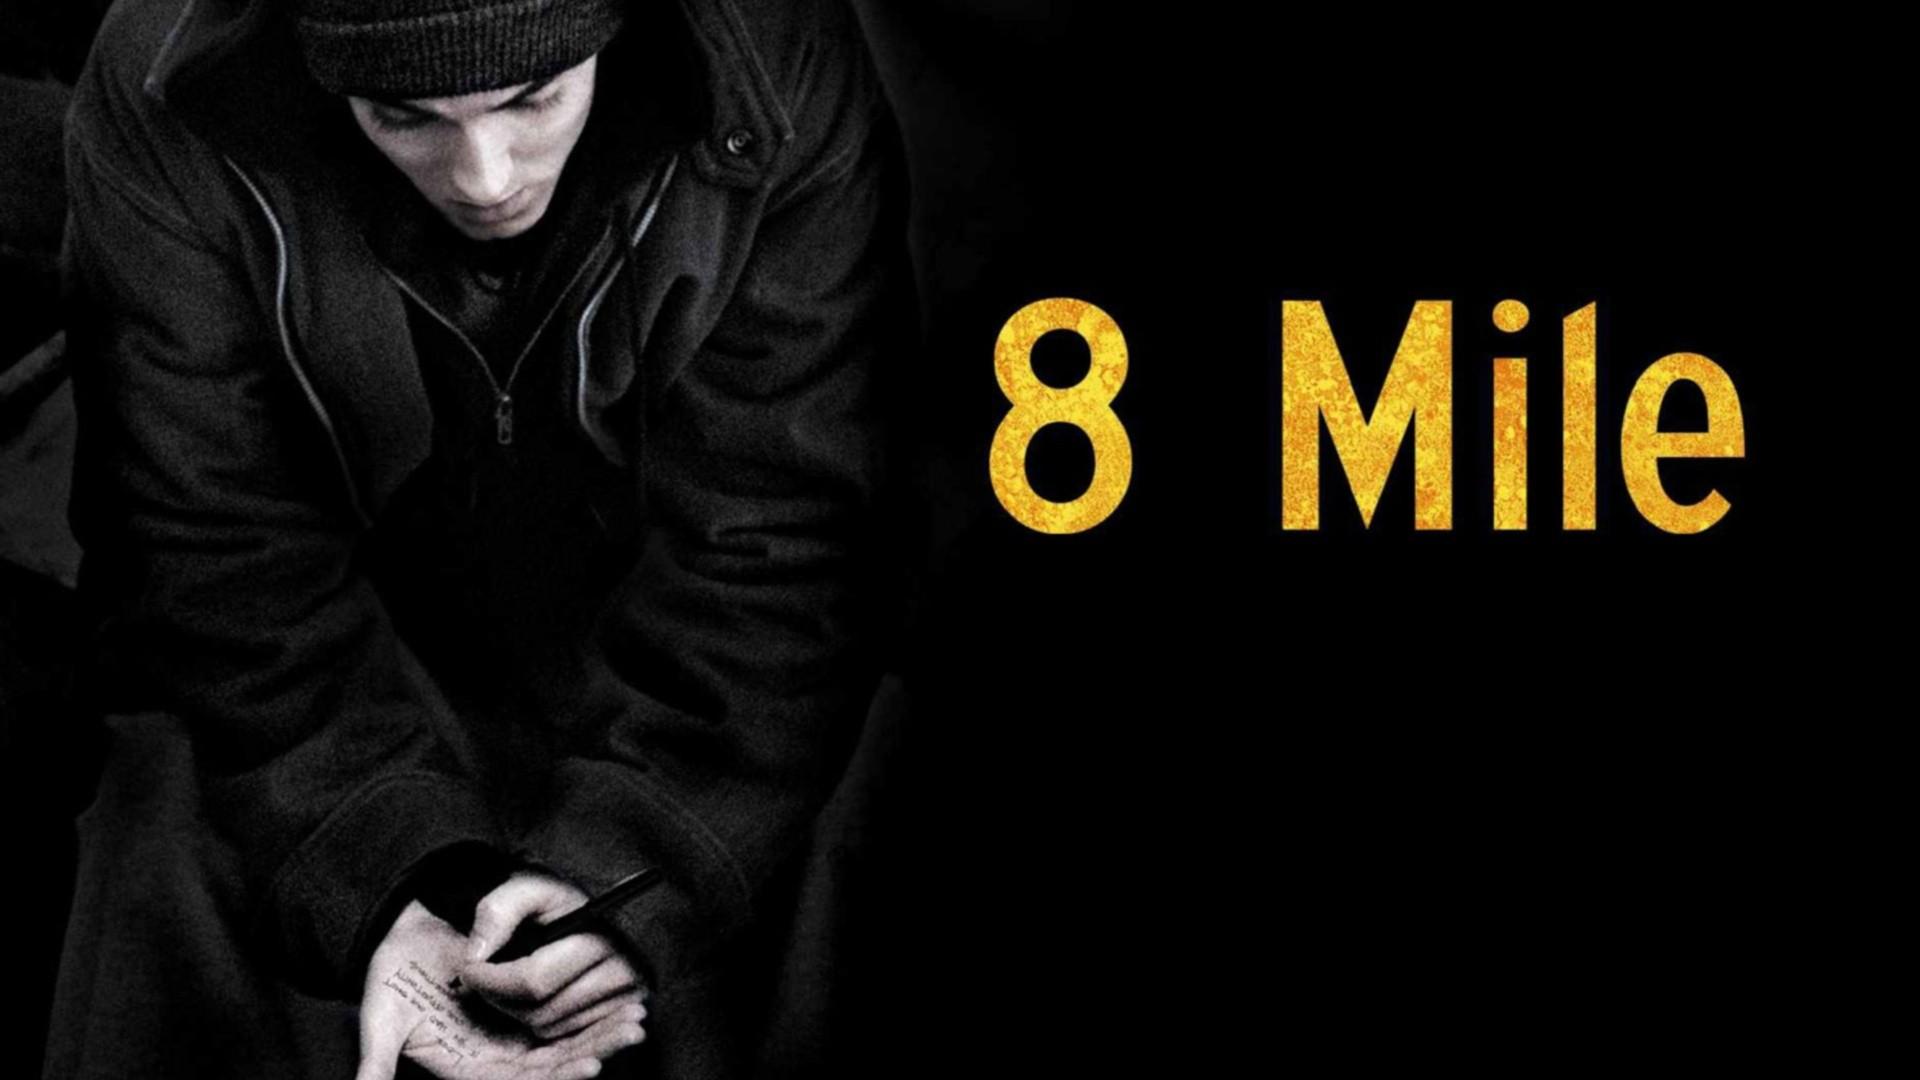 8 Mile : critique du biopic d'Eminem par Curtis Hanson